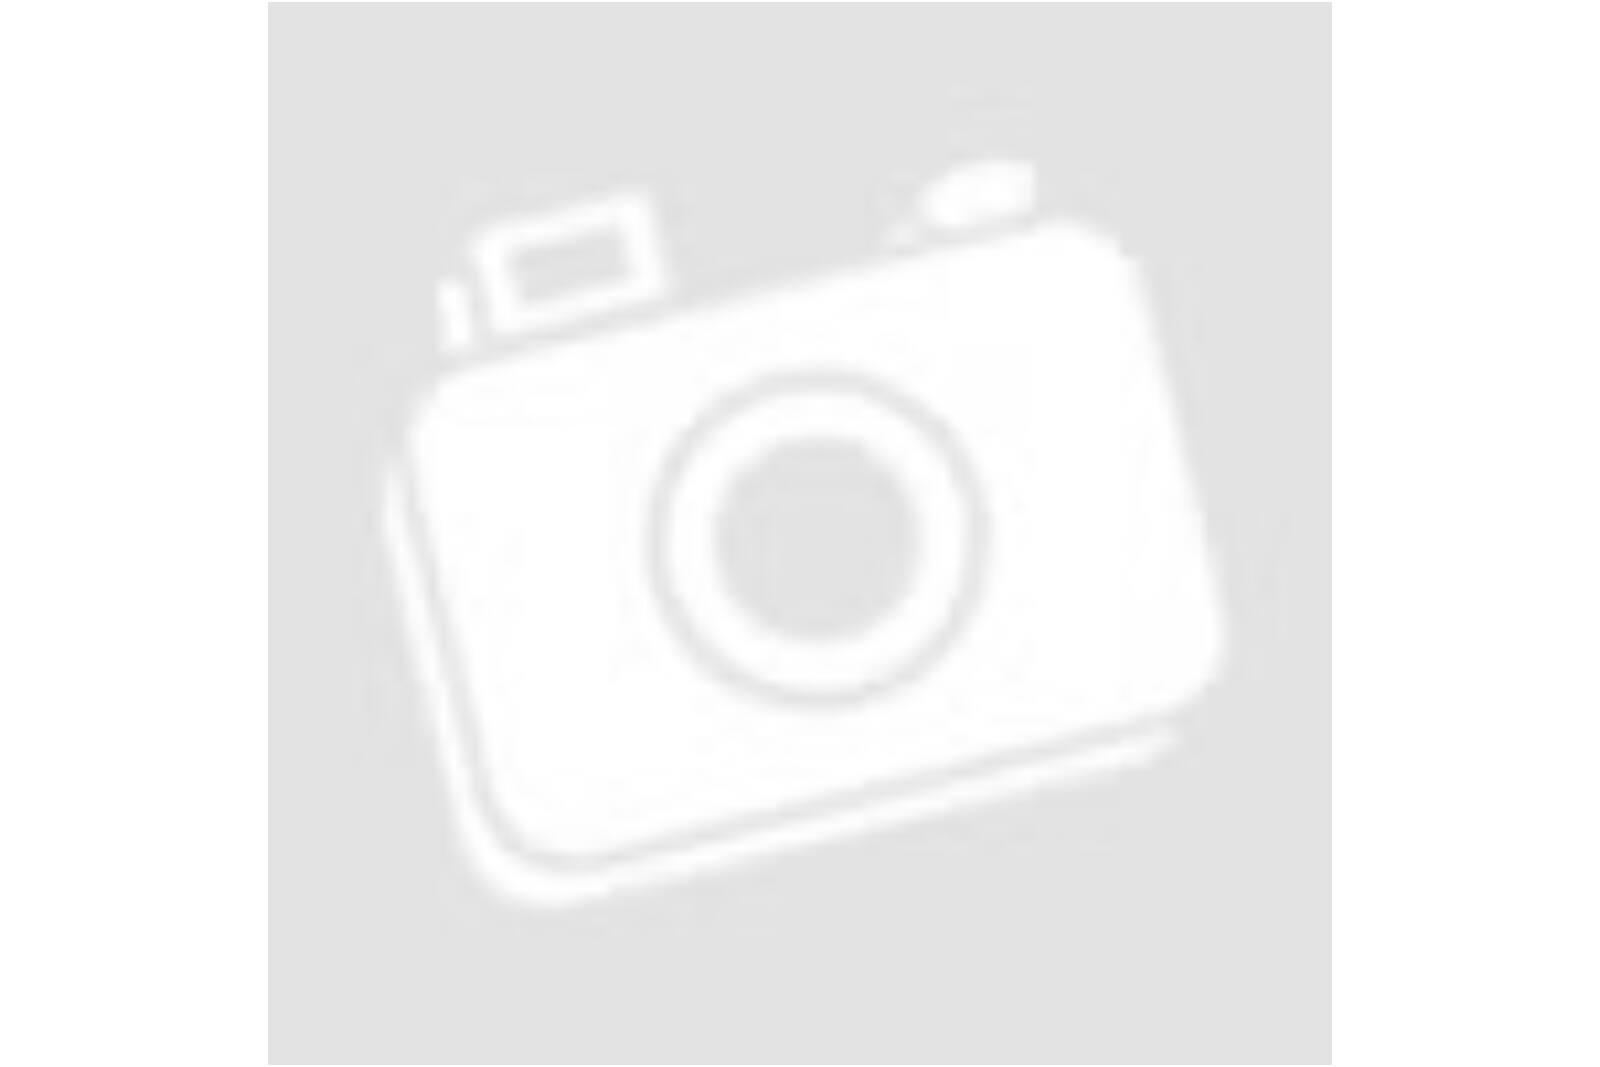 407a1019f3 s. Oliver kék női farmernadrág – Catie - Női nadrágok